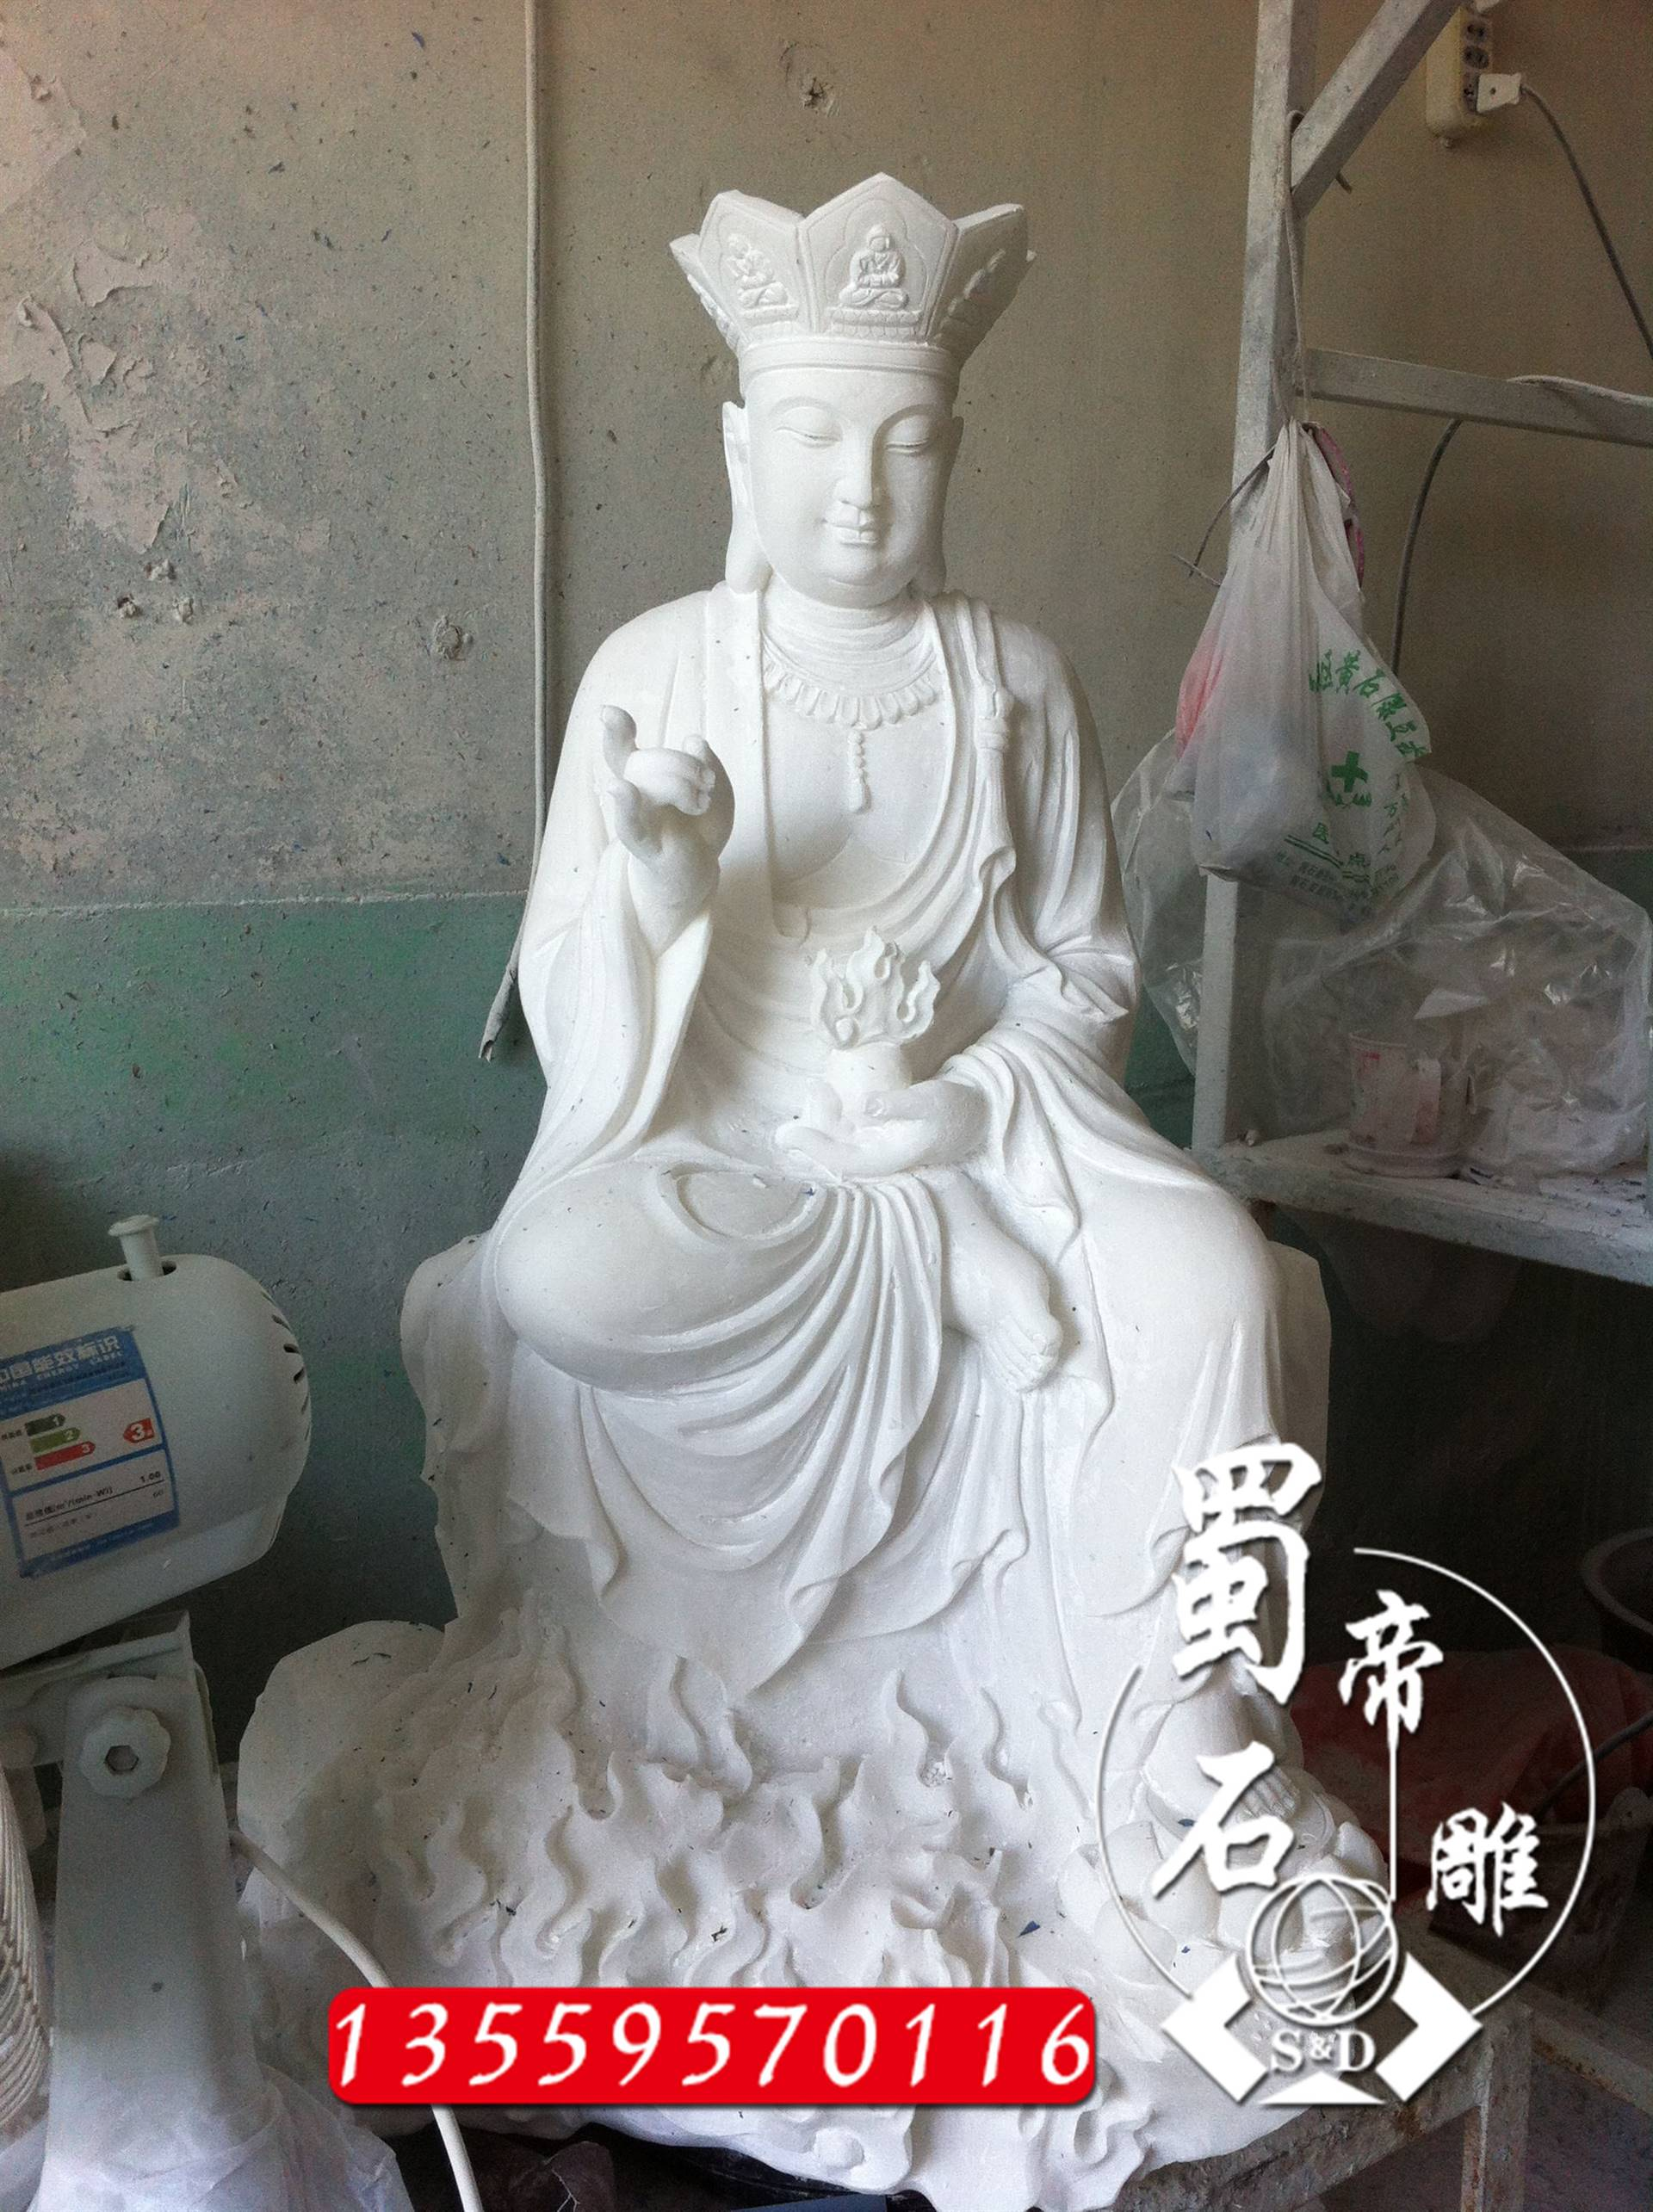 石雕地藏王菩萨佛像 寺庙人物雕像 地藏王菩萨雕刻